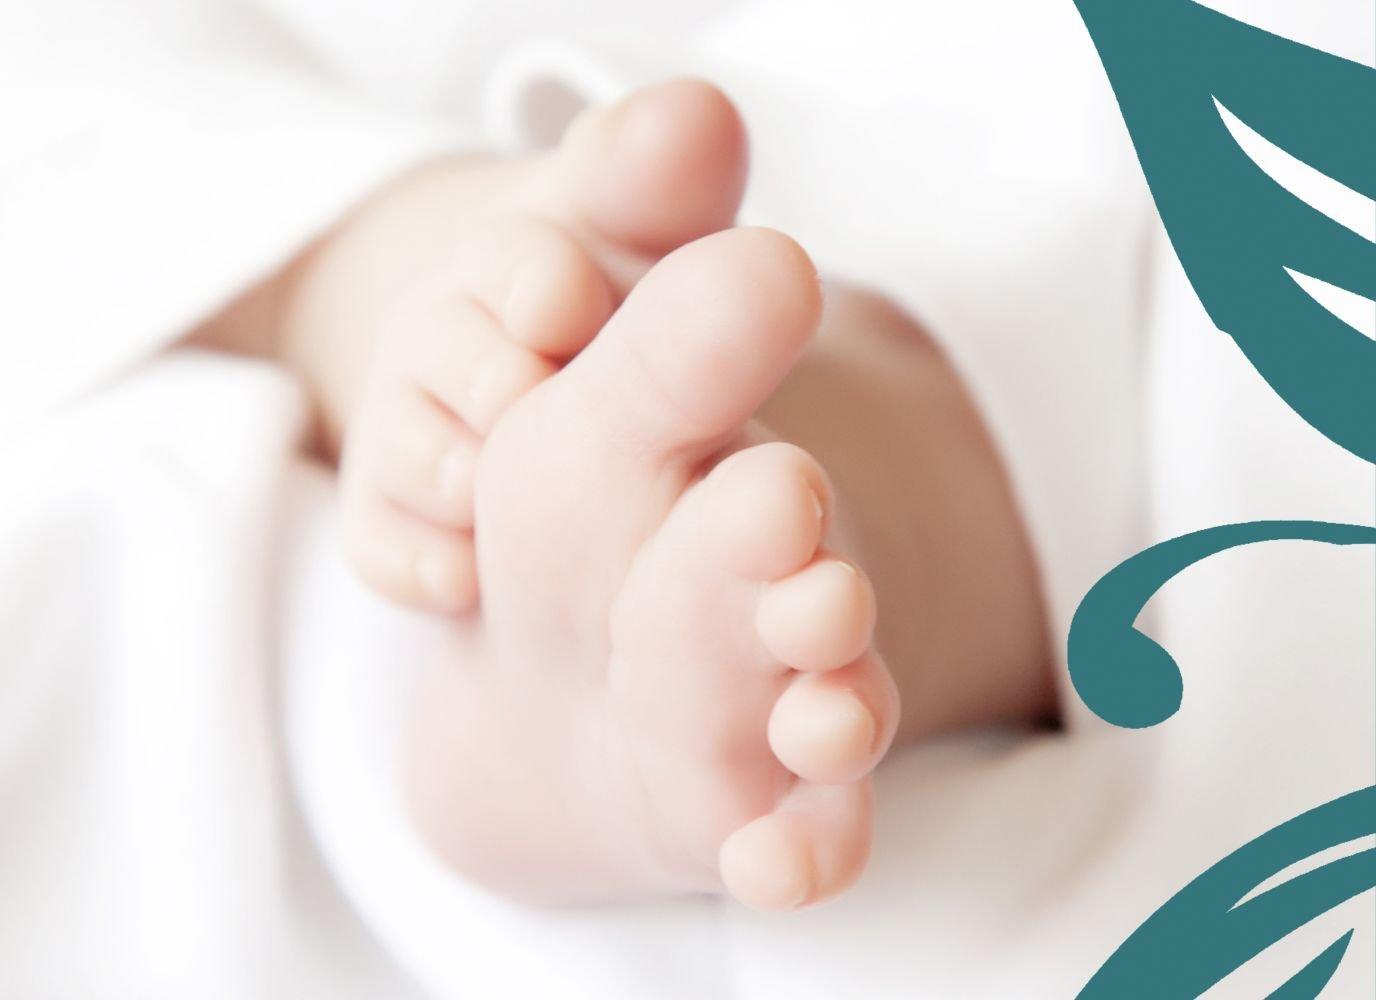 Kartenparadies Geburtskarte Geburtskarte Geburtskarte Babykarte Blaume, hochwertige Babykarte zur Geburt inklusive Umschläge   20 Karten - (Format  148x105 mm) Farbe  DunkelGrün B01MZFPU3L   Ausgezeichnetes Preis    Marke    Luxus  b23cf8